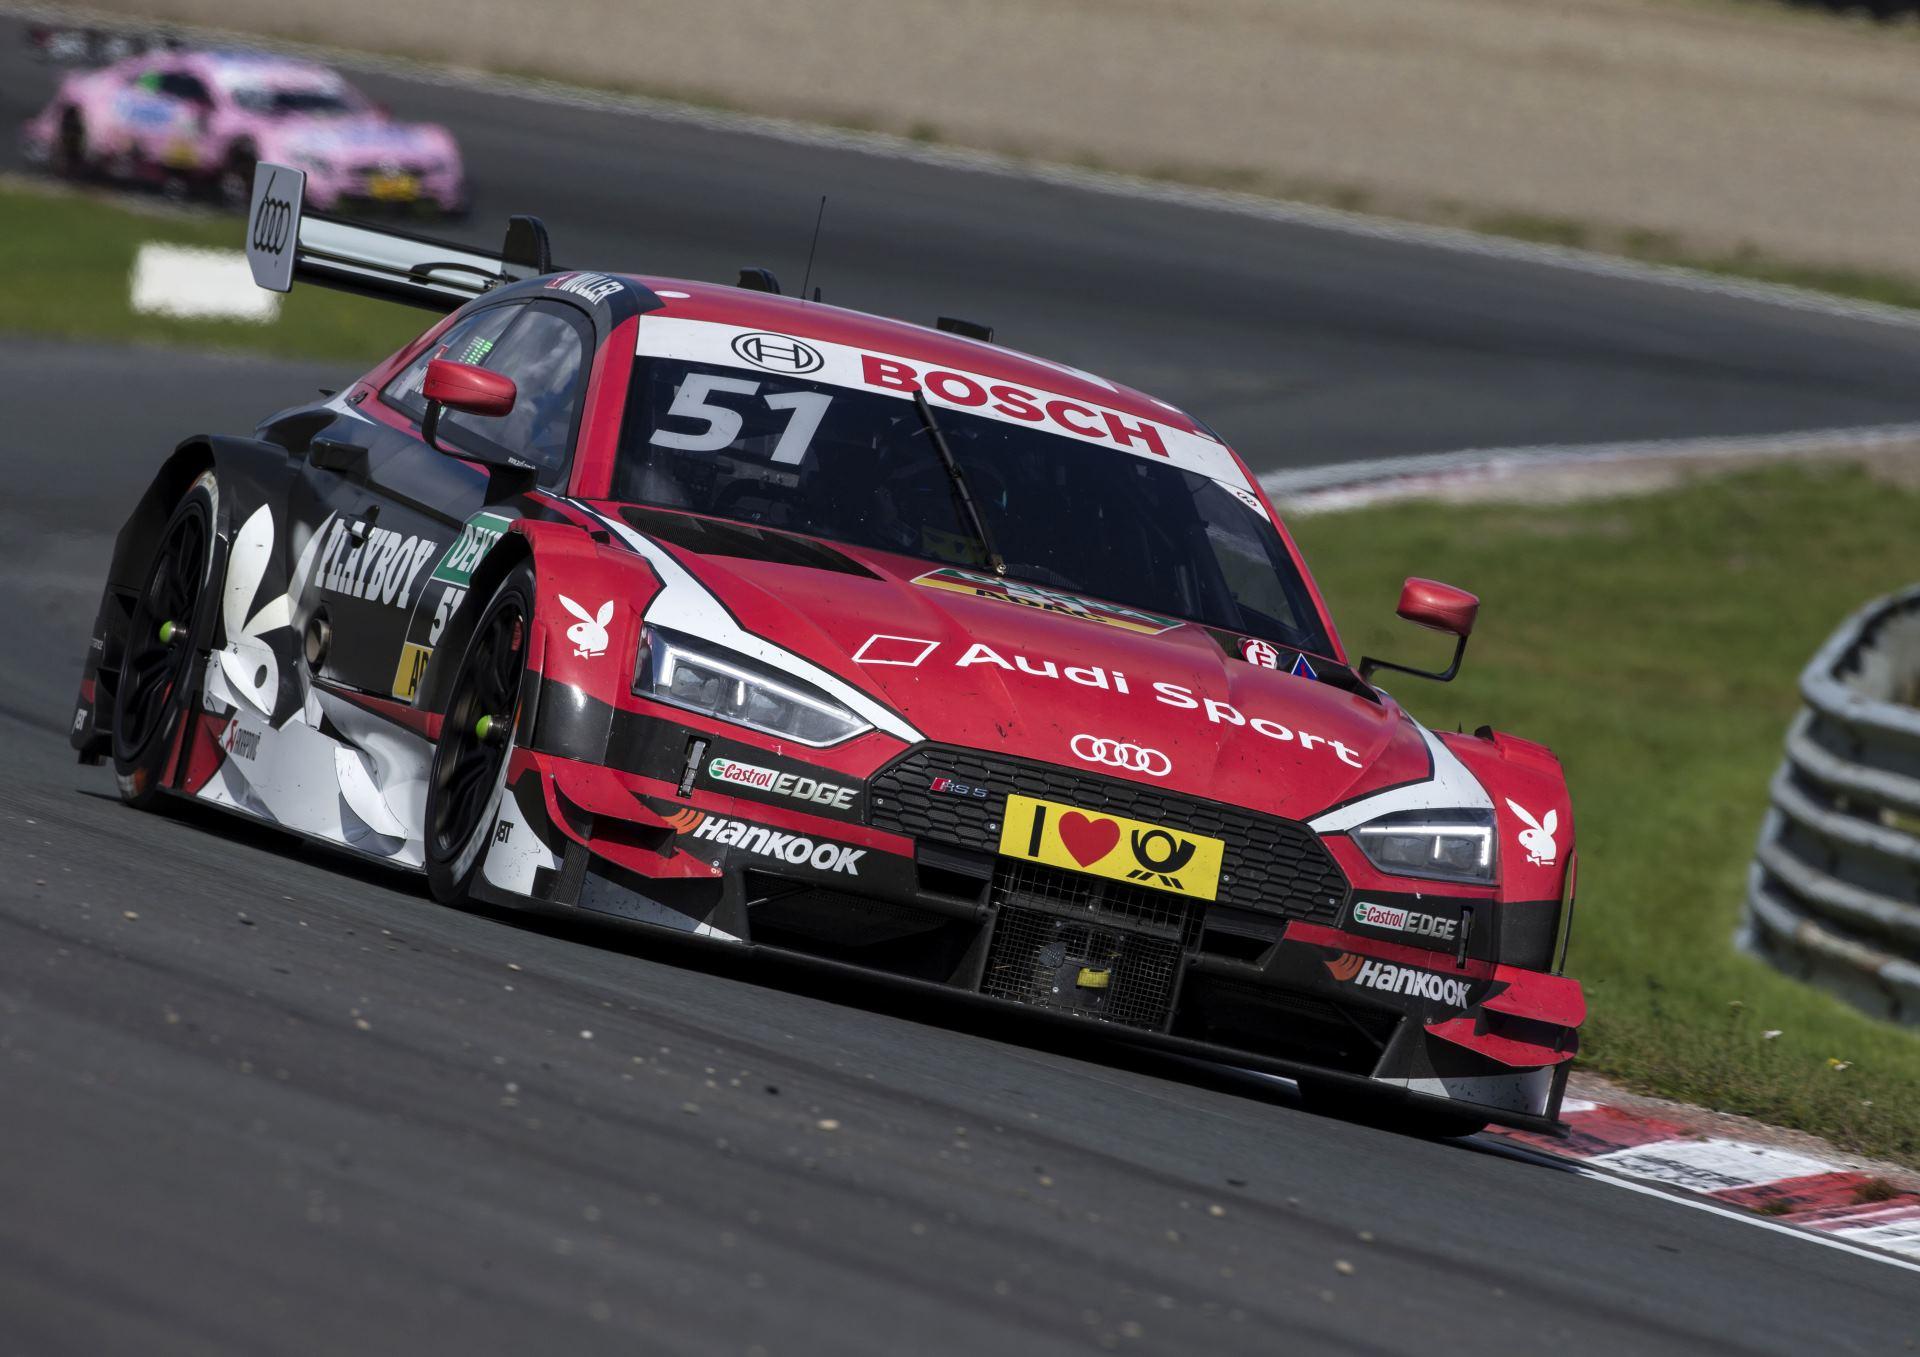 Audi на этапе в Зандворте на кругу